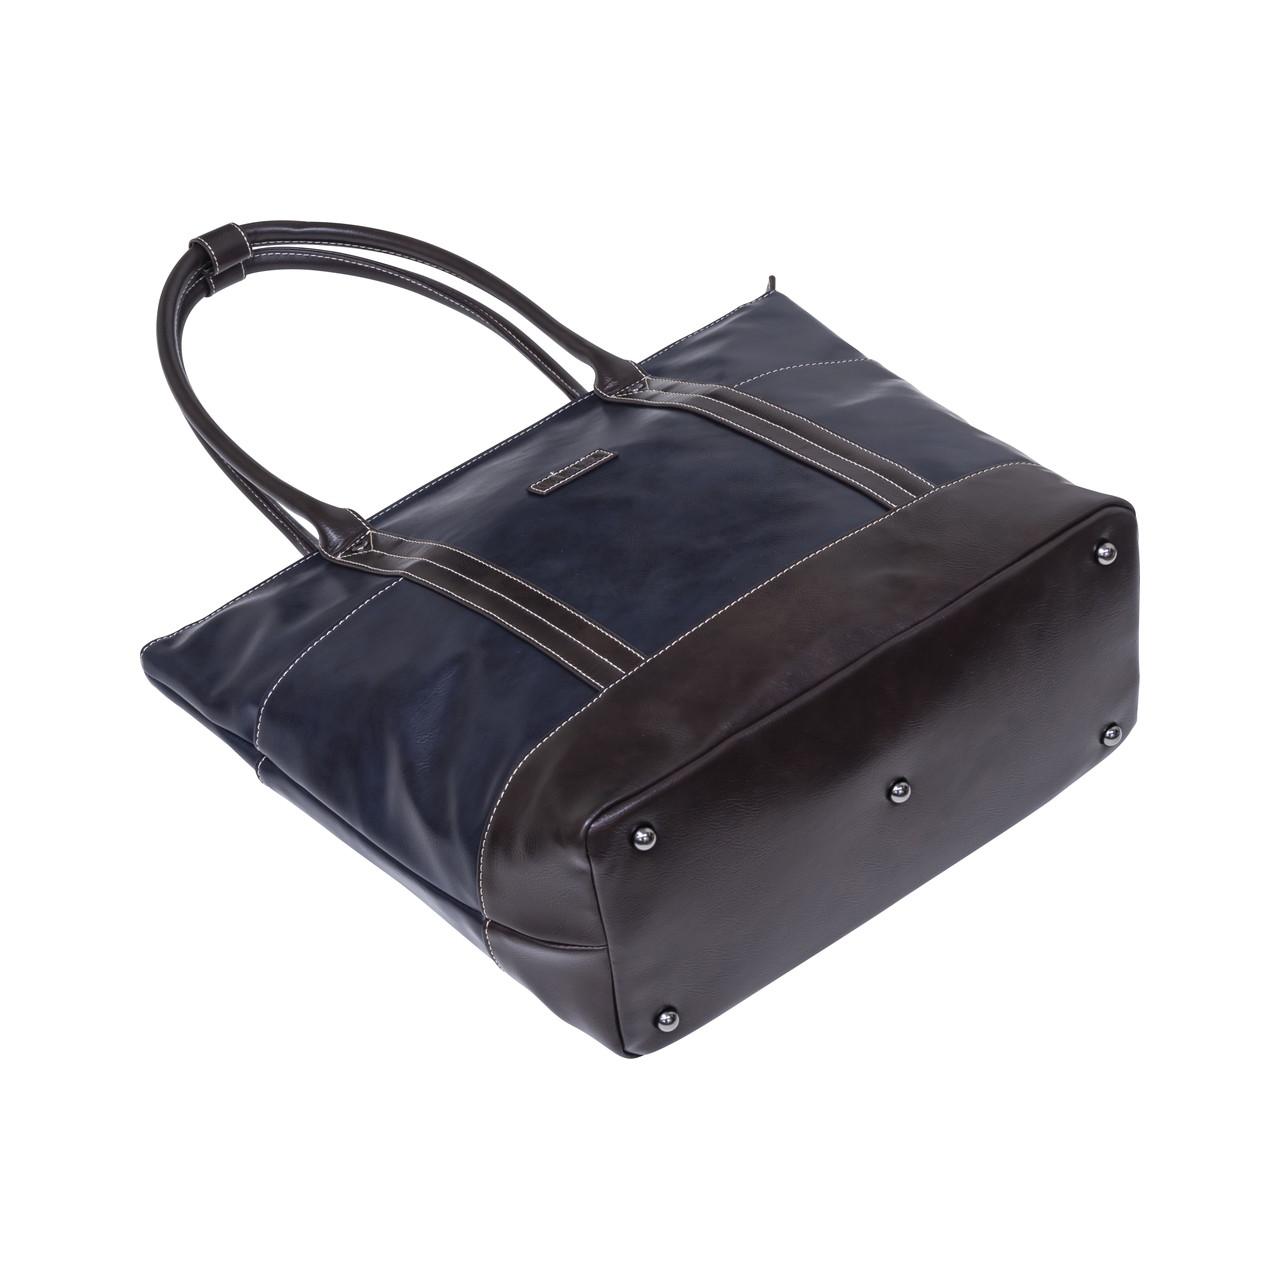 ELA-13072 トートバッグ メンズ トート 合皮 レザー 鞄 撥水 通勤 通学